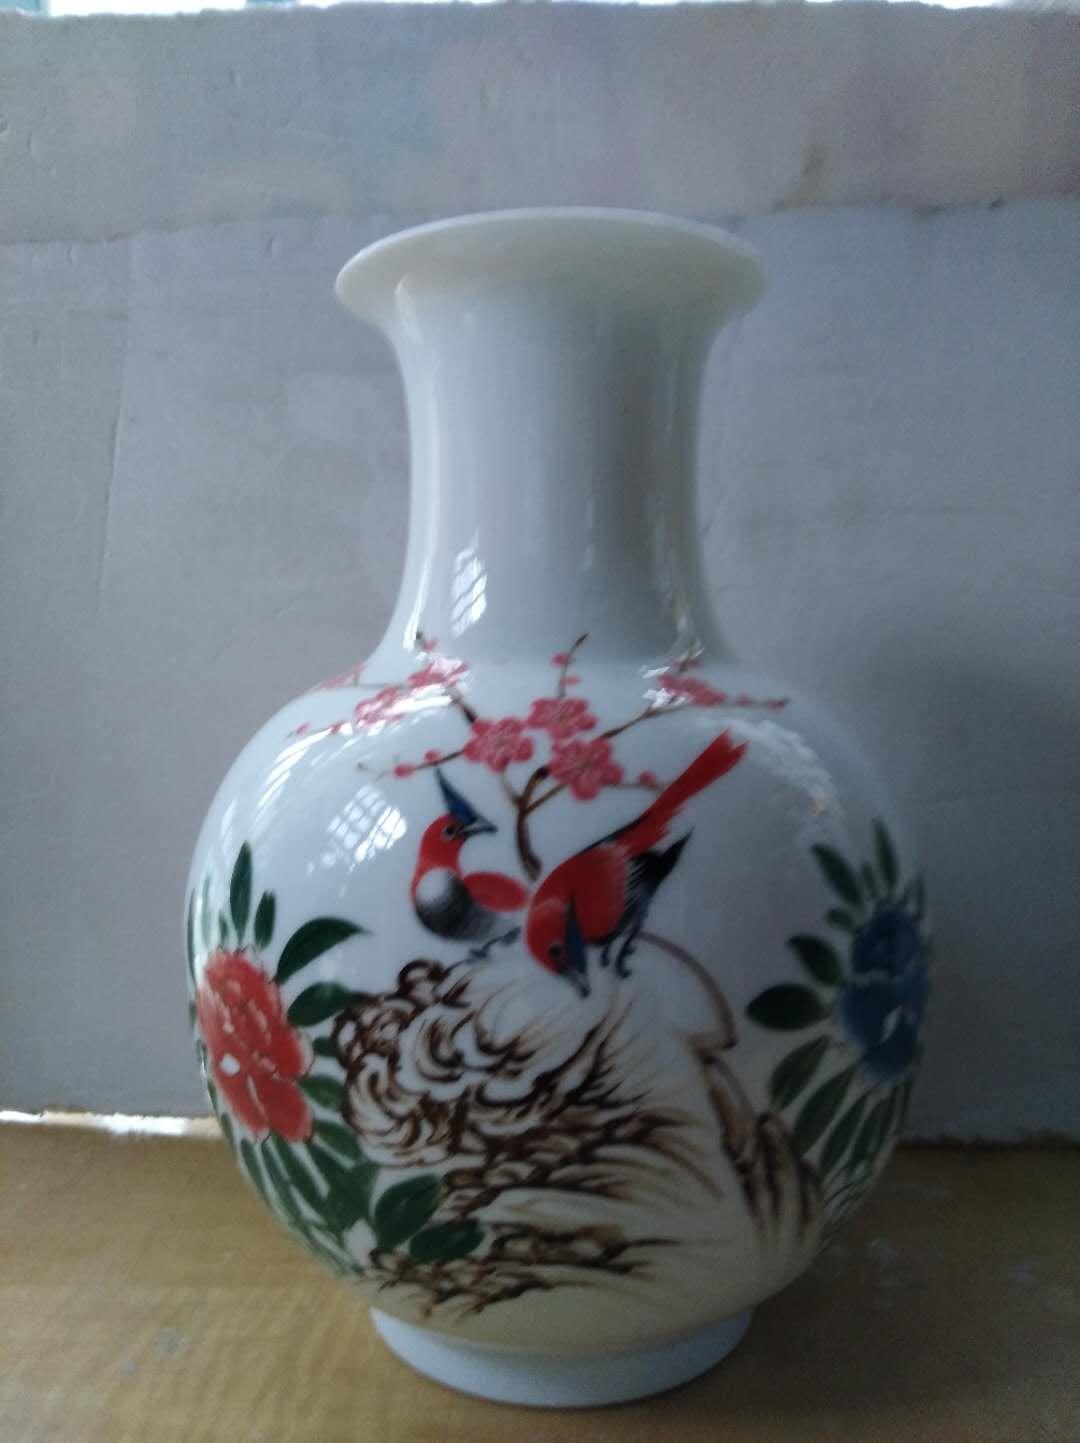 私人博物馆 苏州聚宝堂